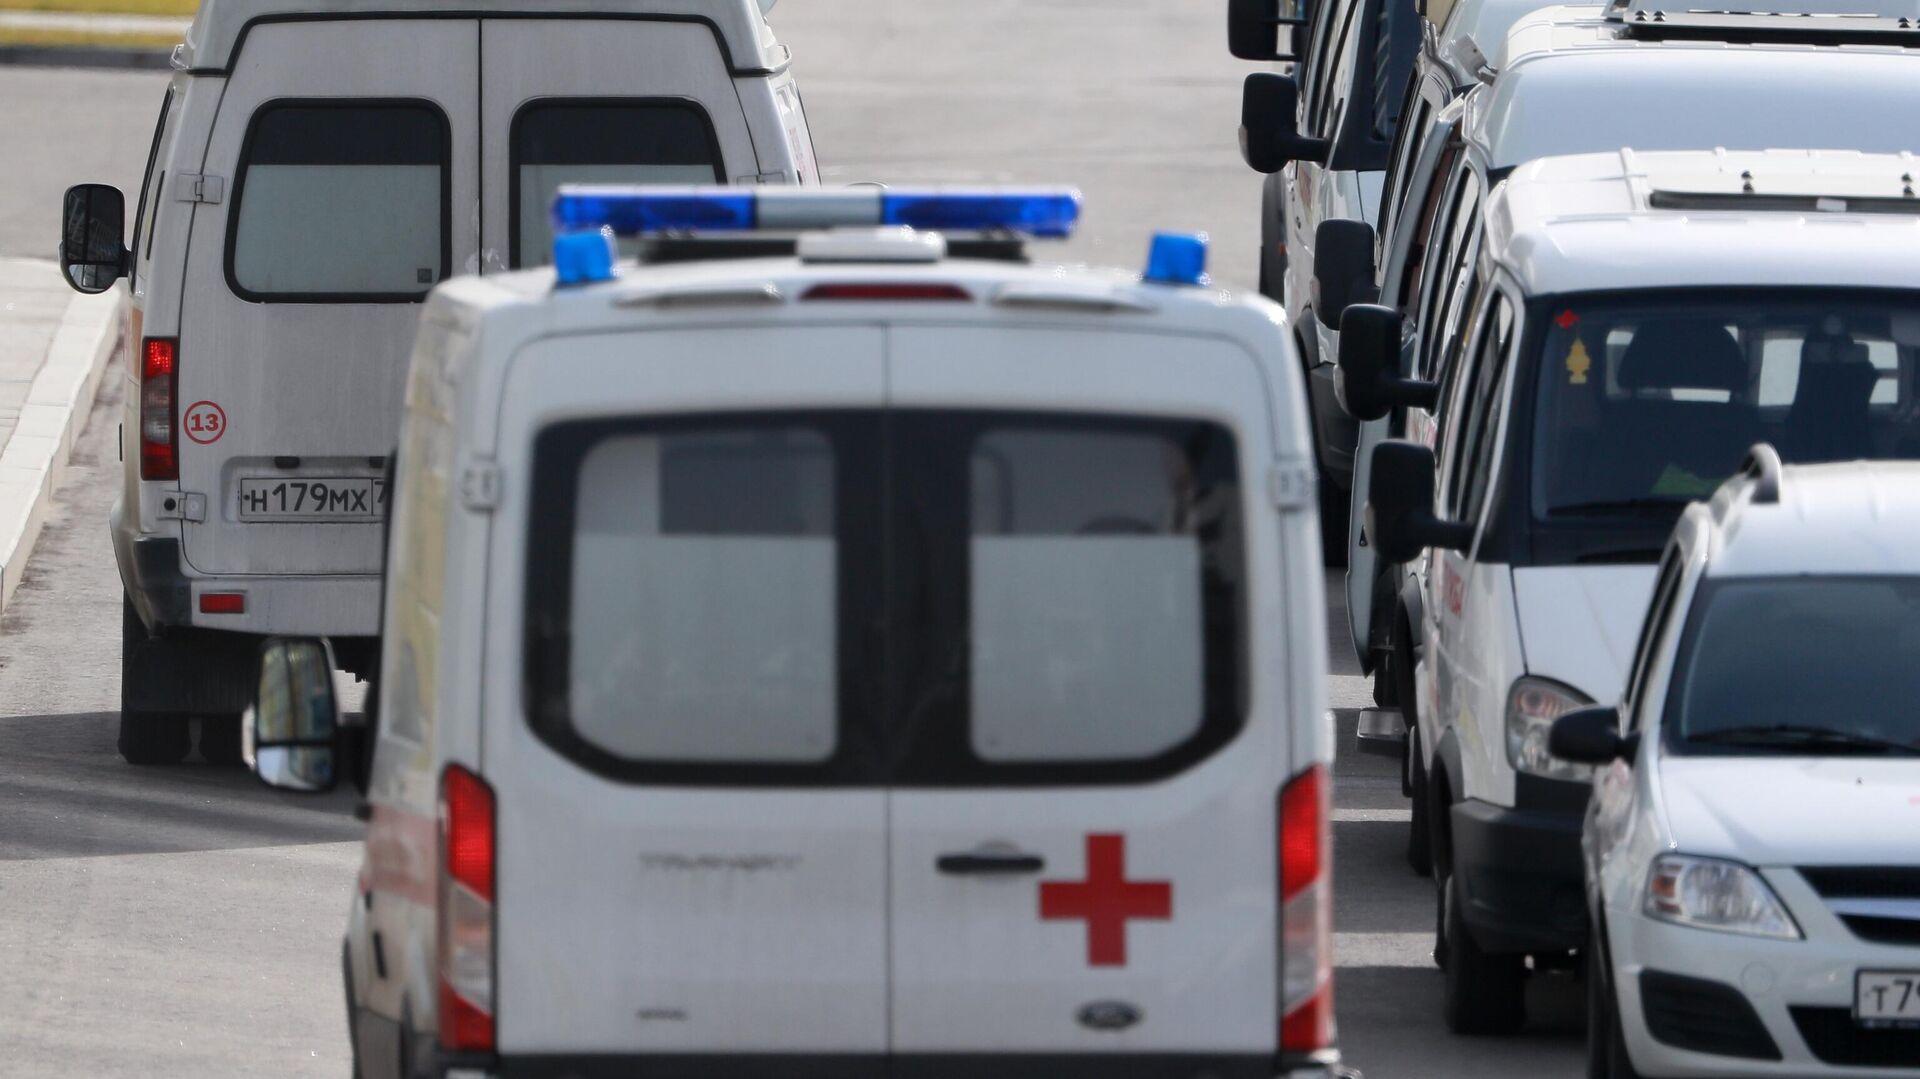 Машины скорой медицинской помощи возле карантинного центра в Коммунарке - РИА Новости, 1920, 17.10.2020